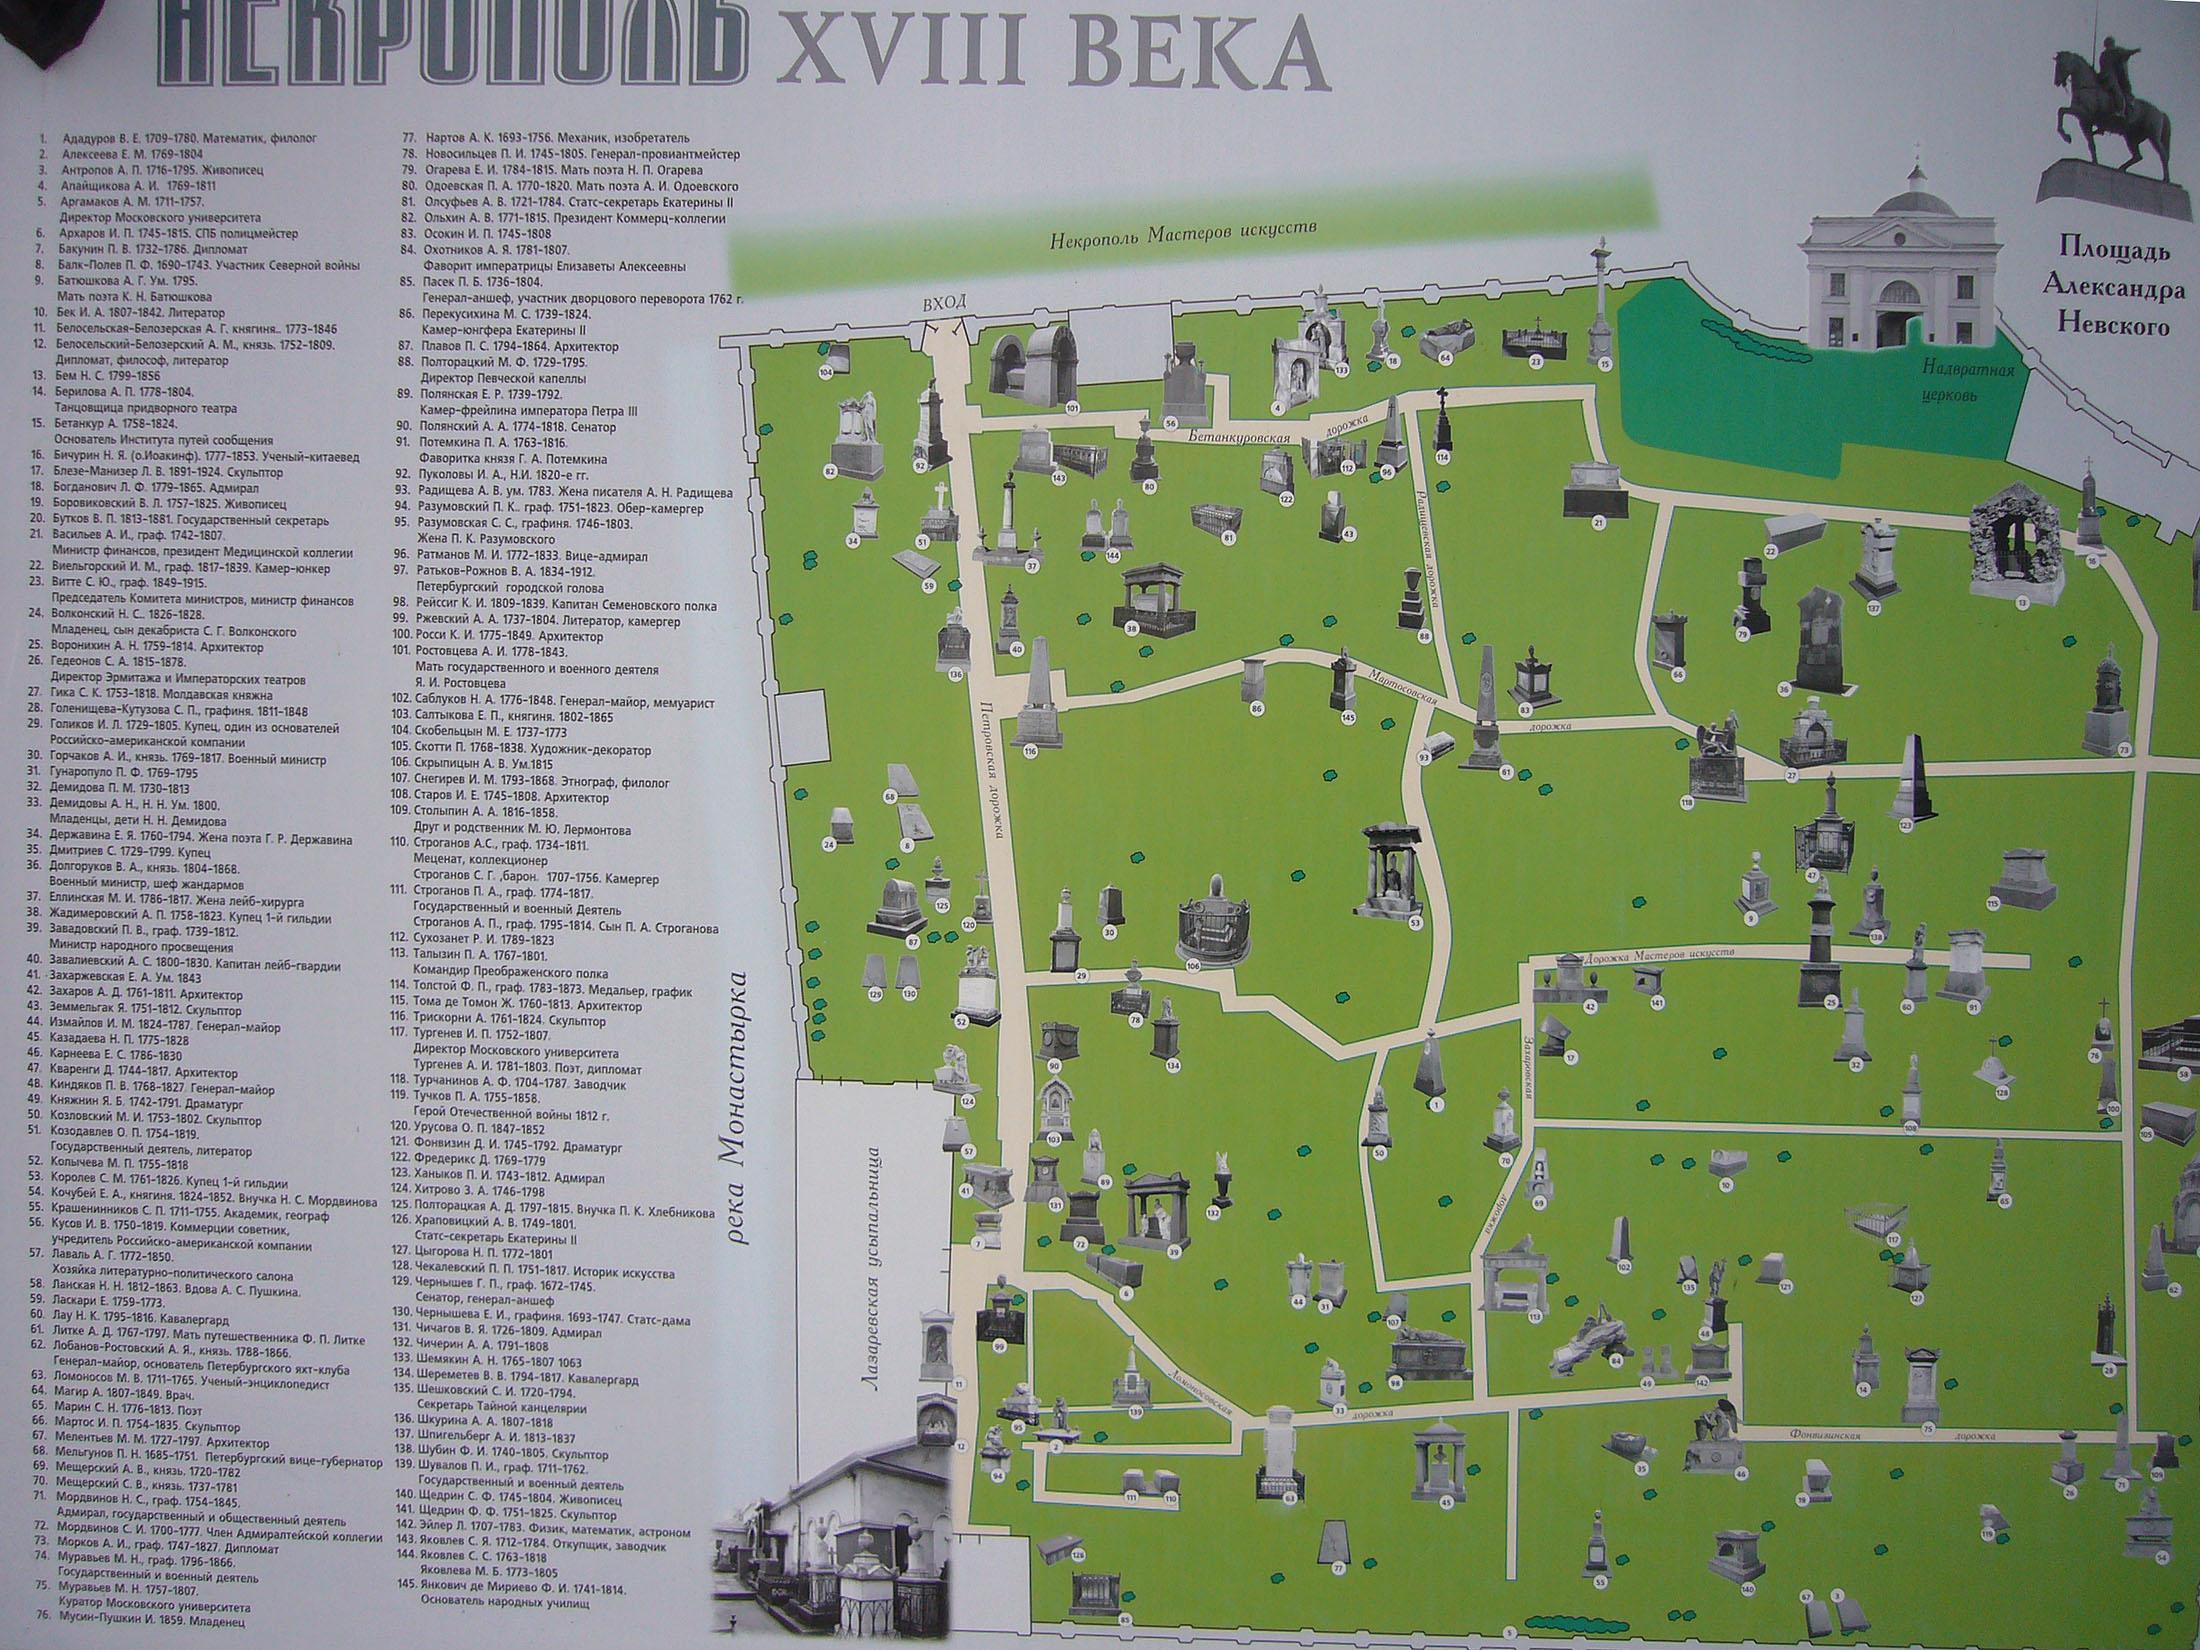 Кладбище бадалык красноярске схема фото 65